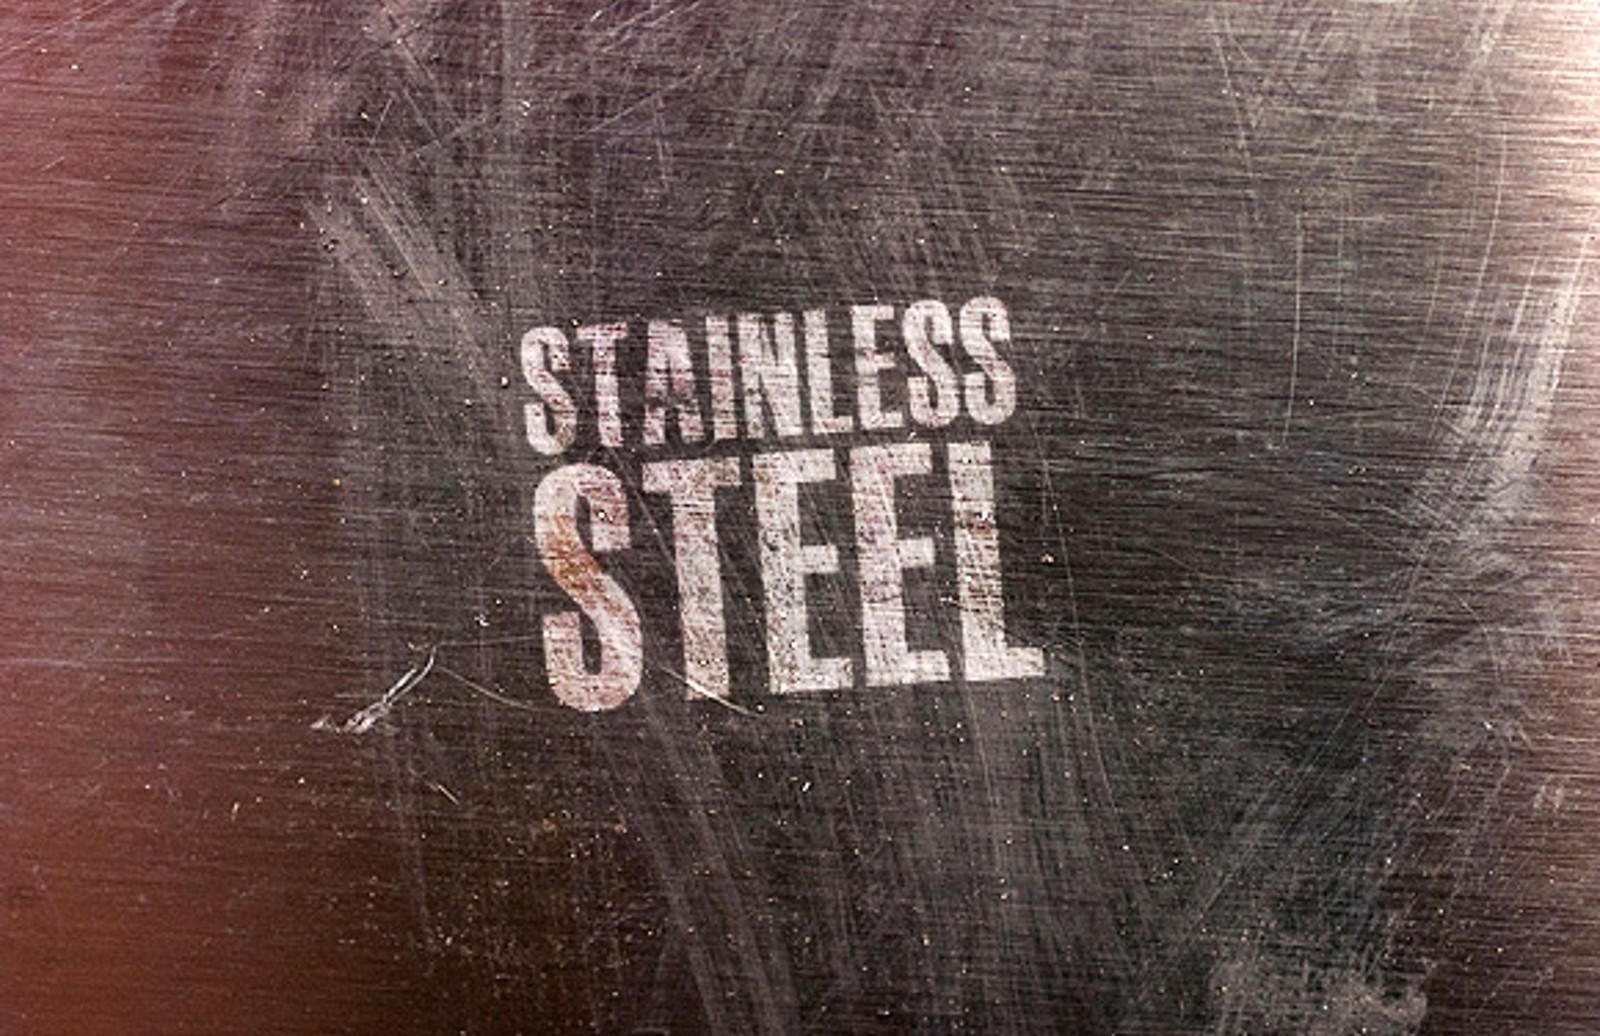 Stainless Slide1